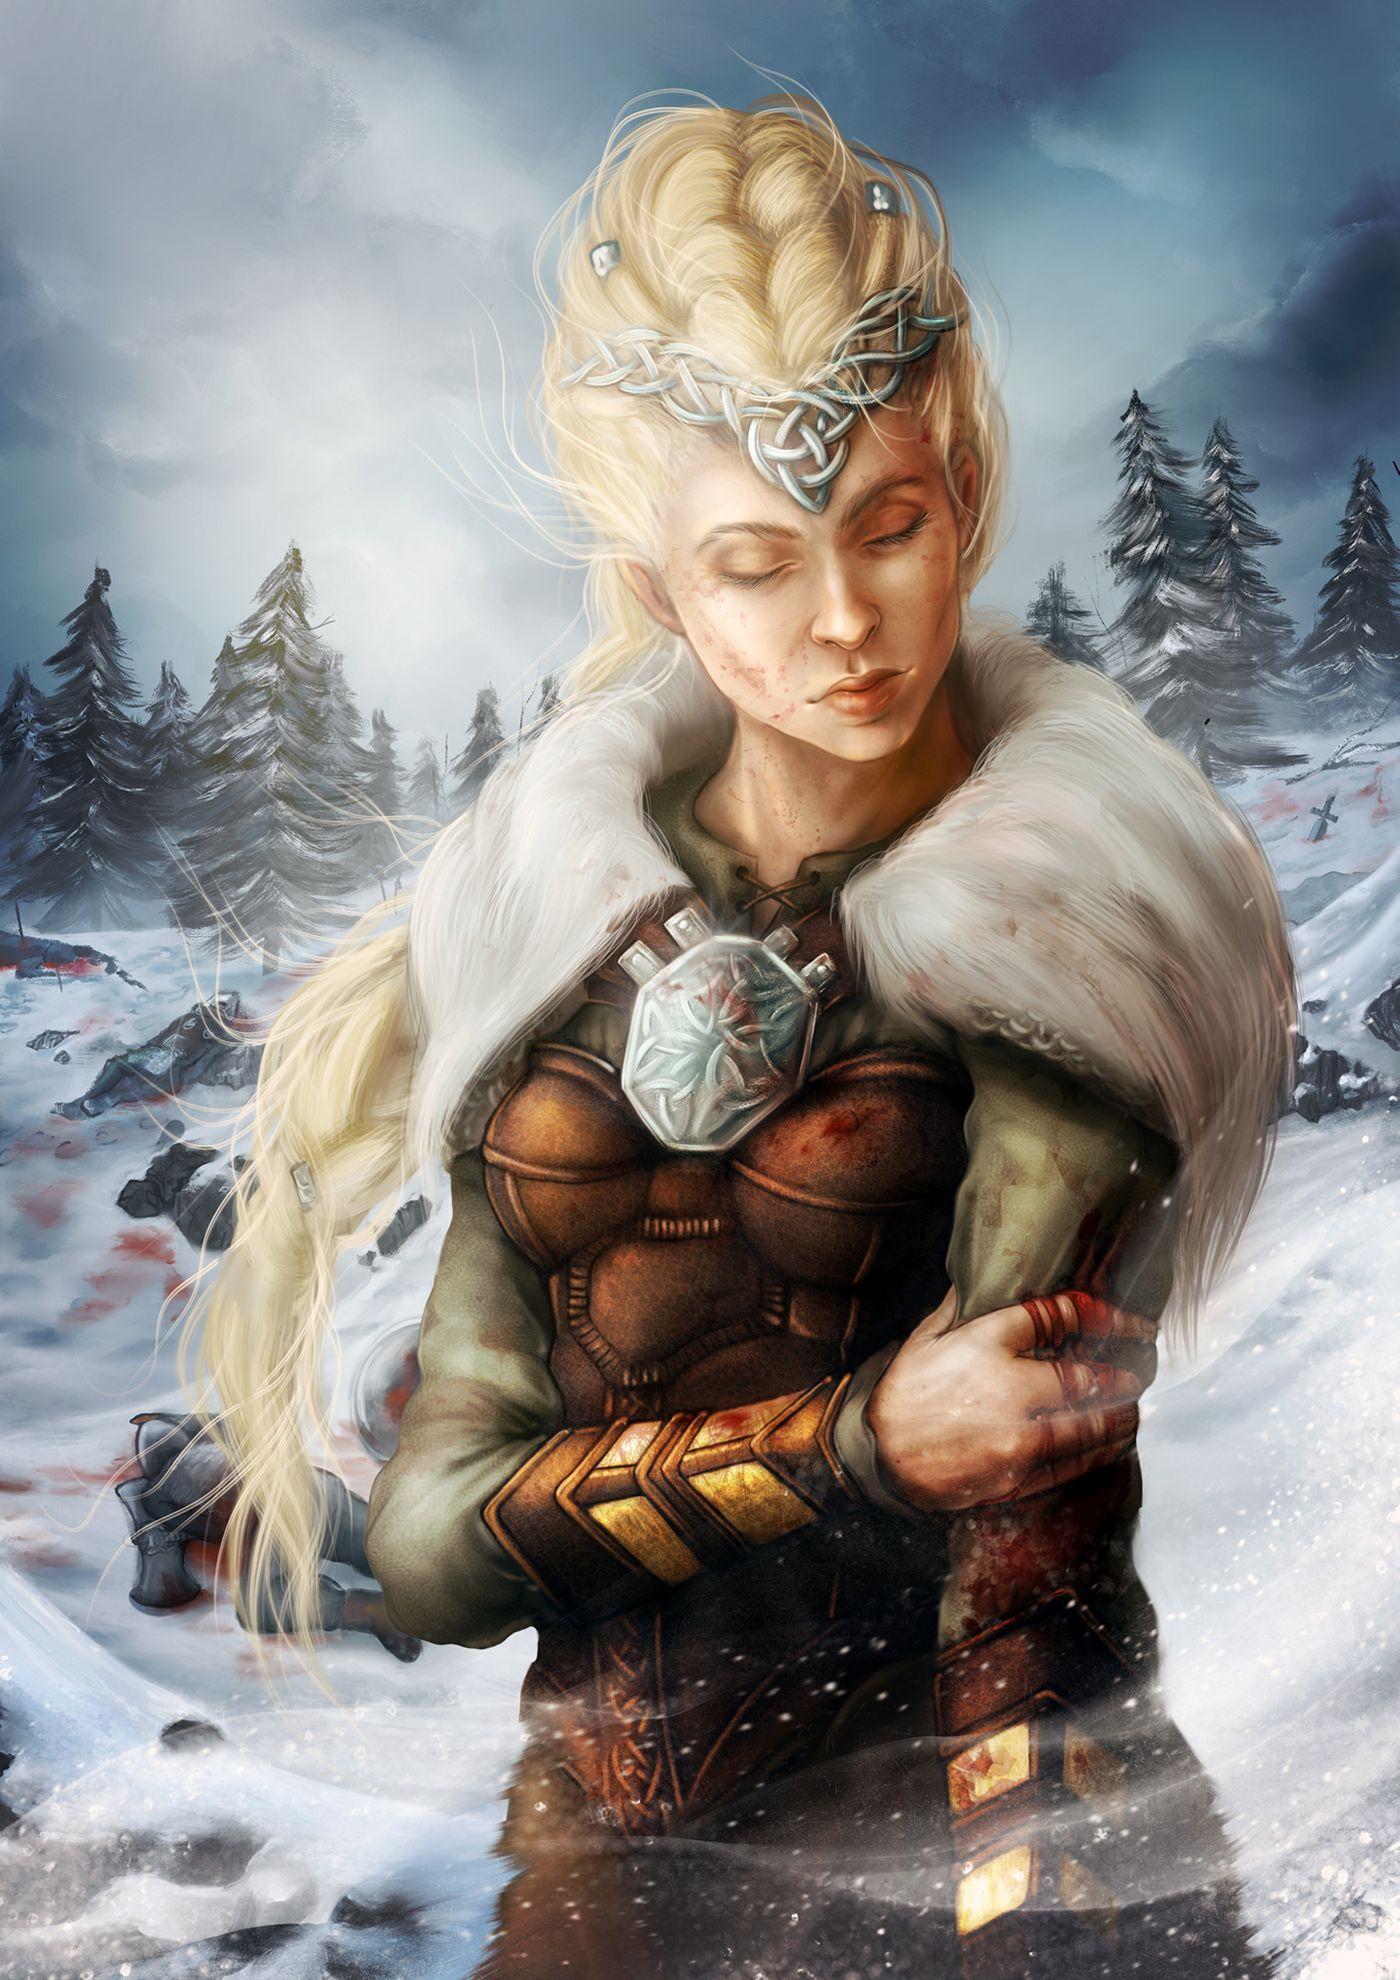 Vikingwoman Laiabaldevey